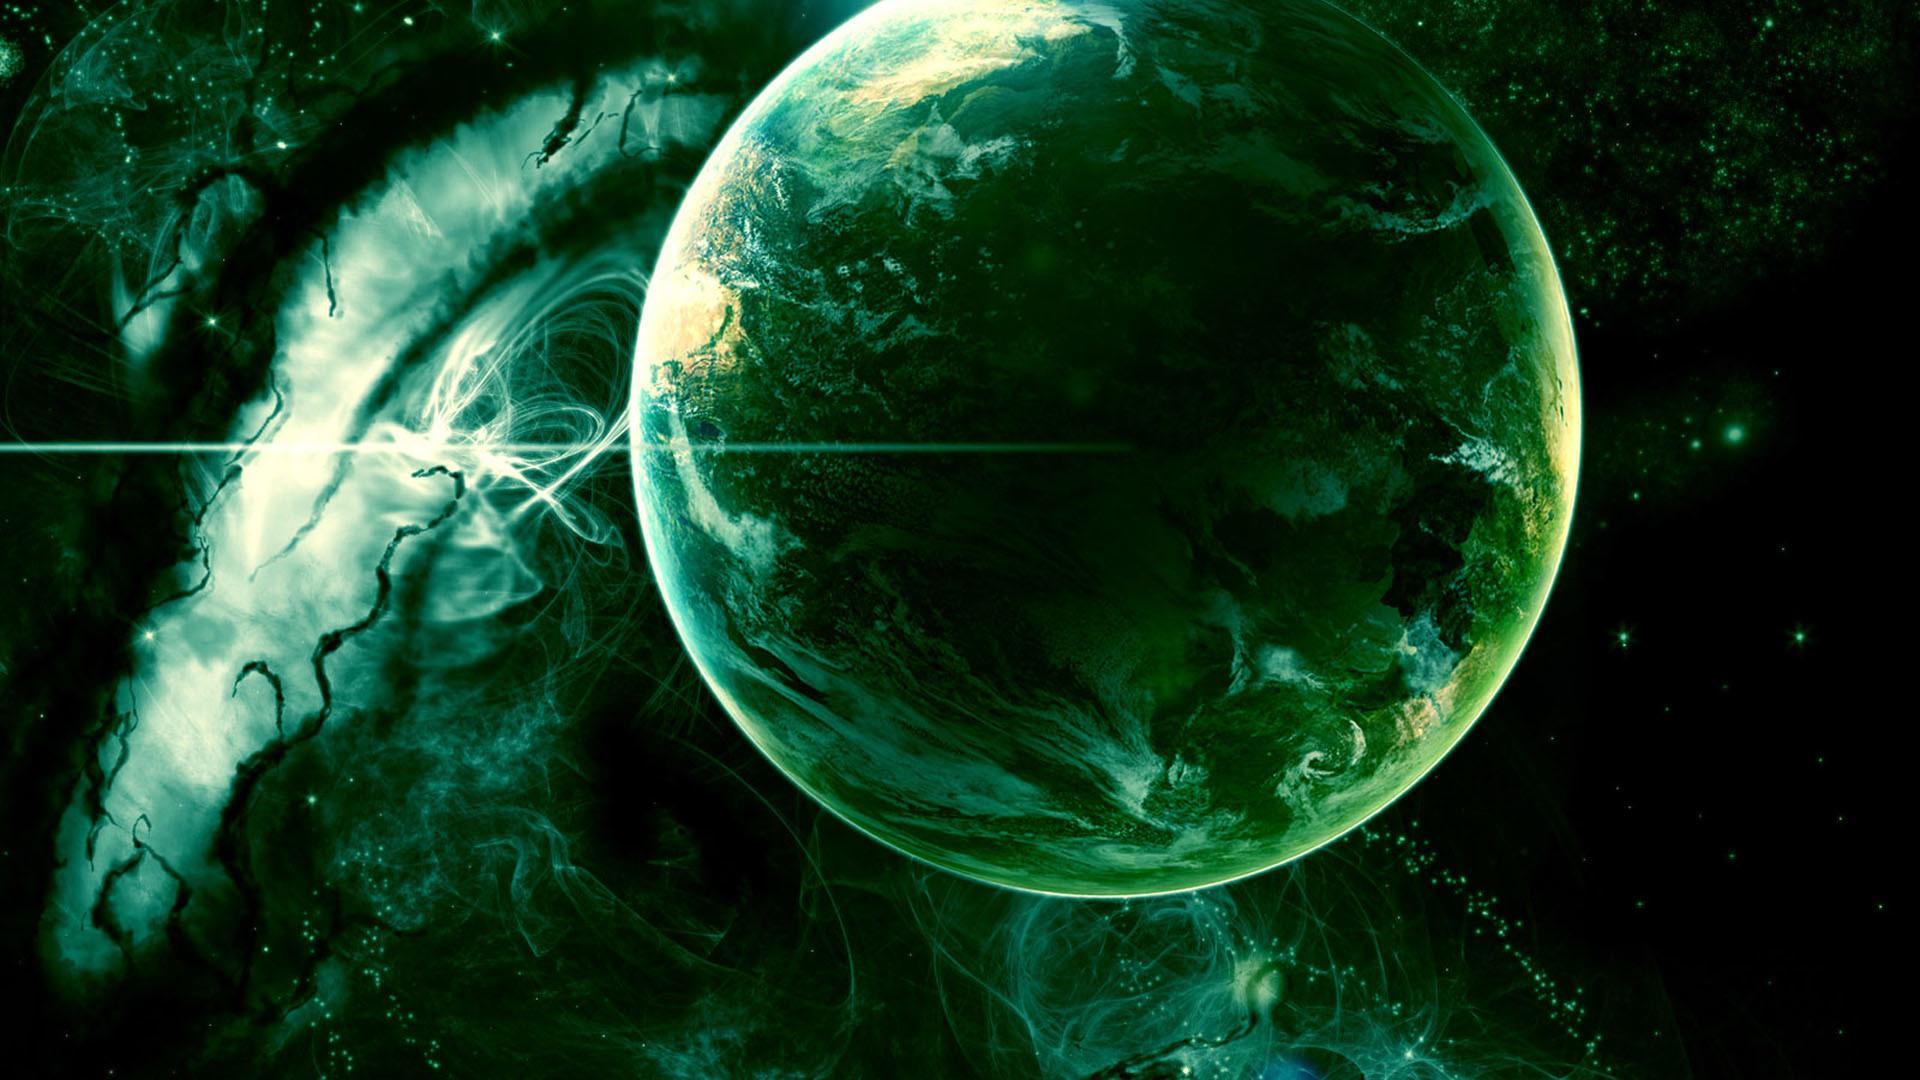 Green Galaxy Wallpaper 1080p , HD Wallpaper & Backgrounds